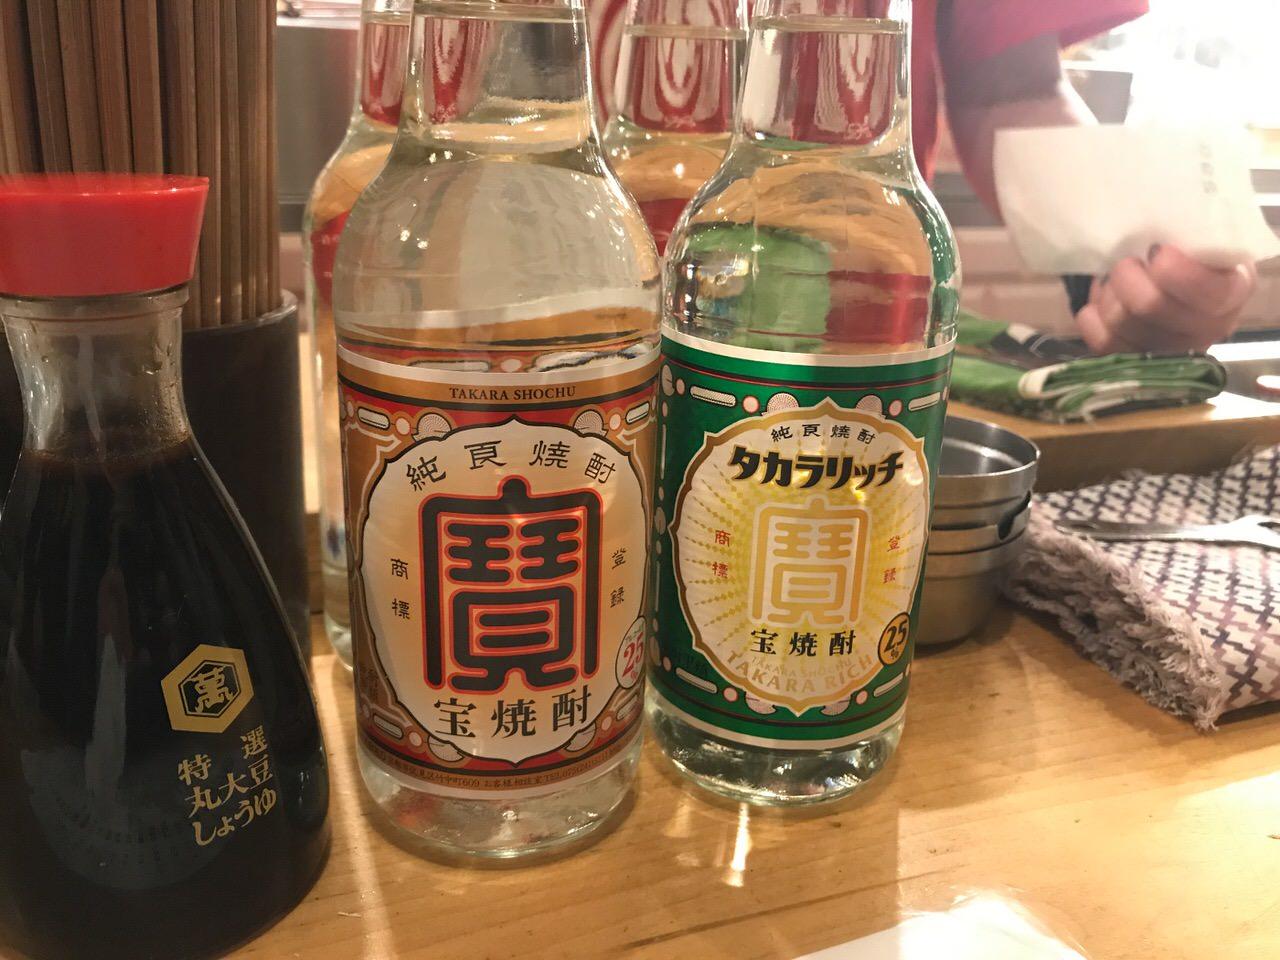 Shibuya maruko 85050